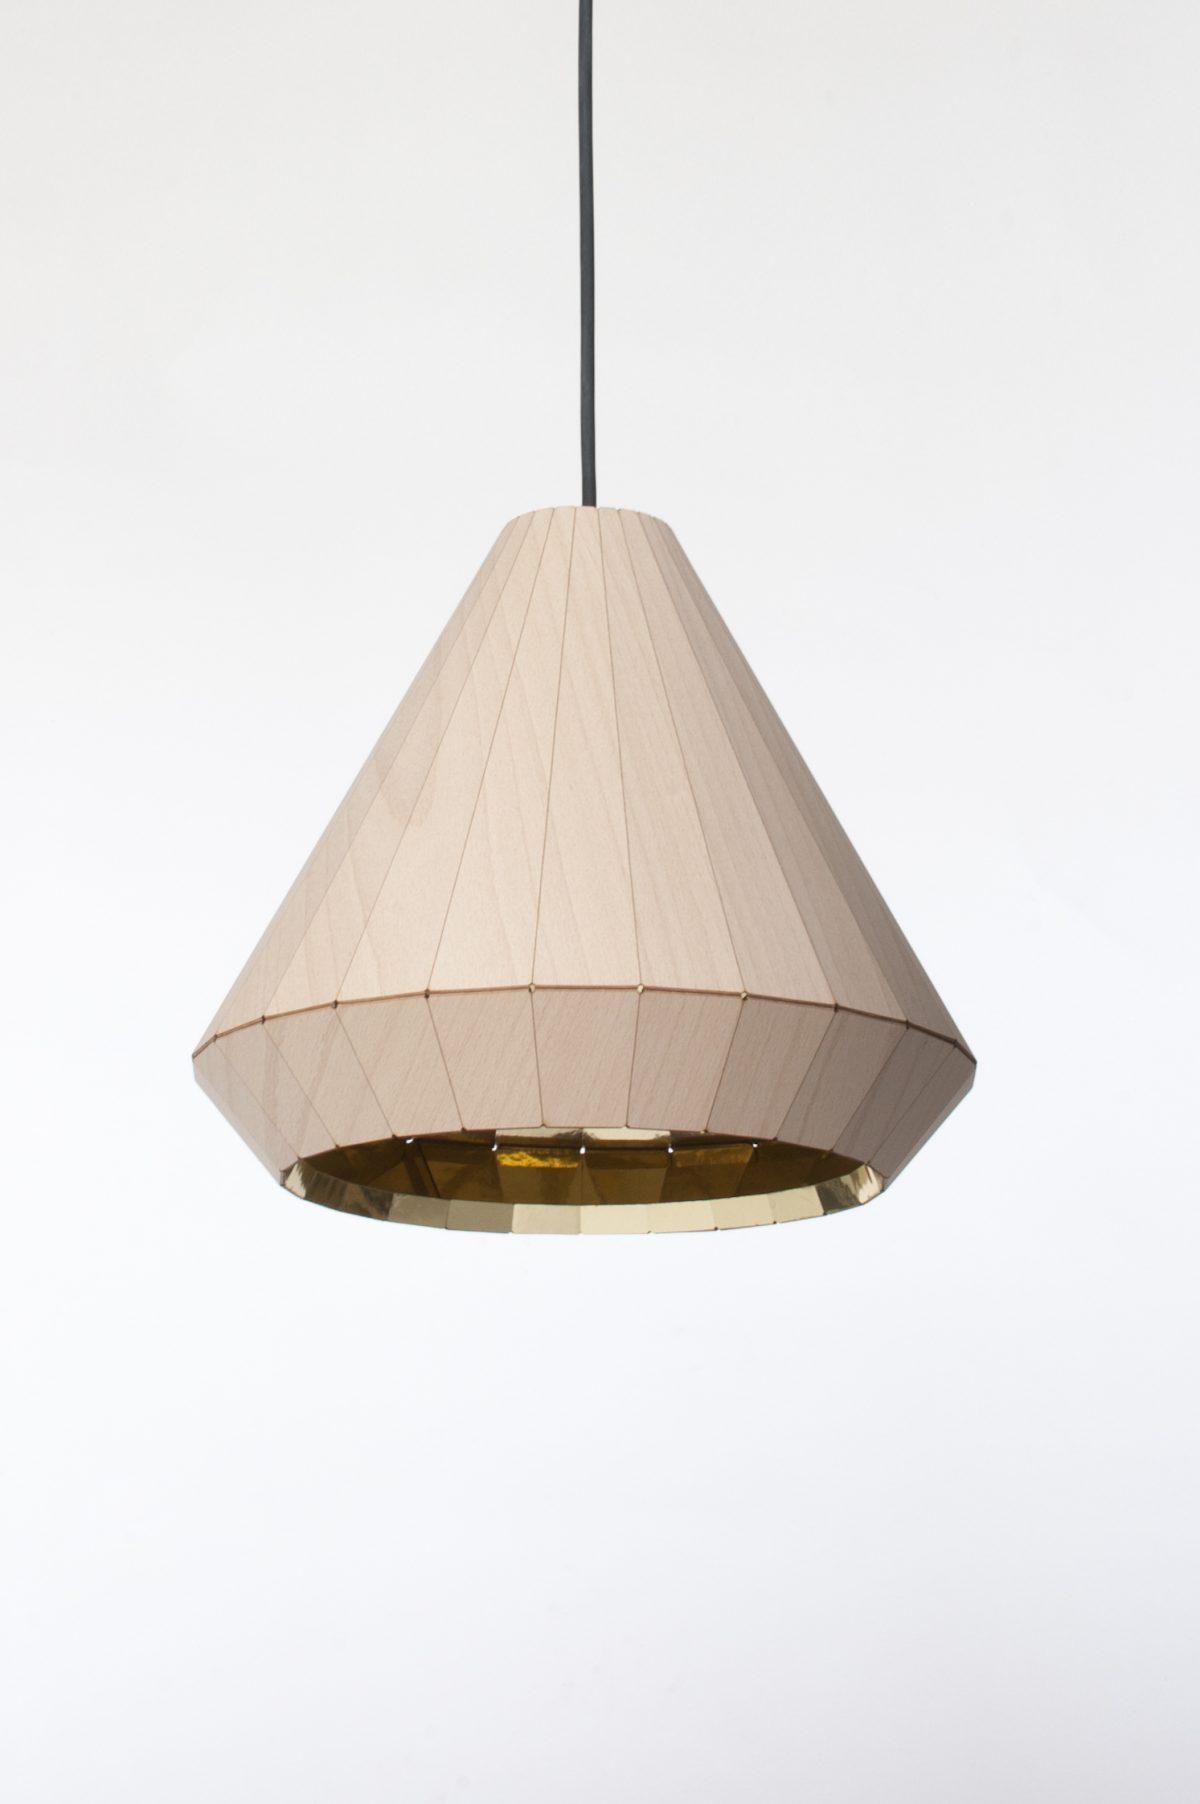 Lamp Wooden Light – David Derksen